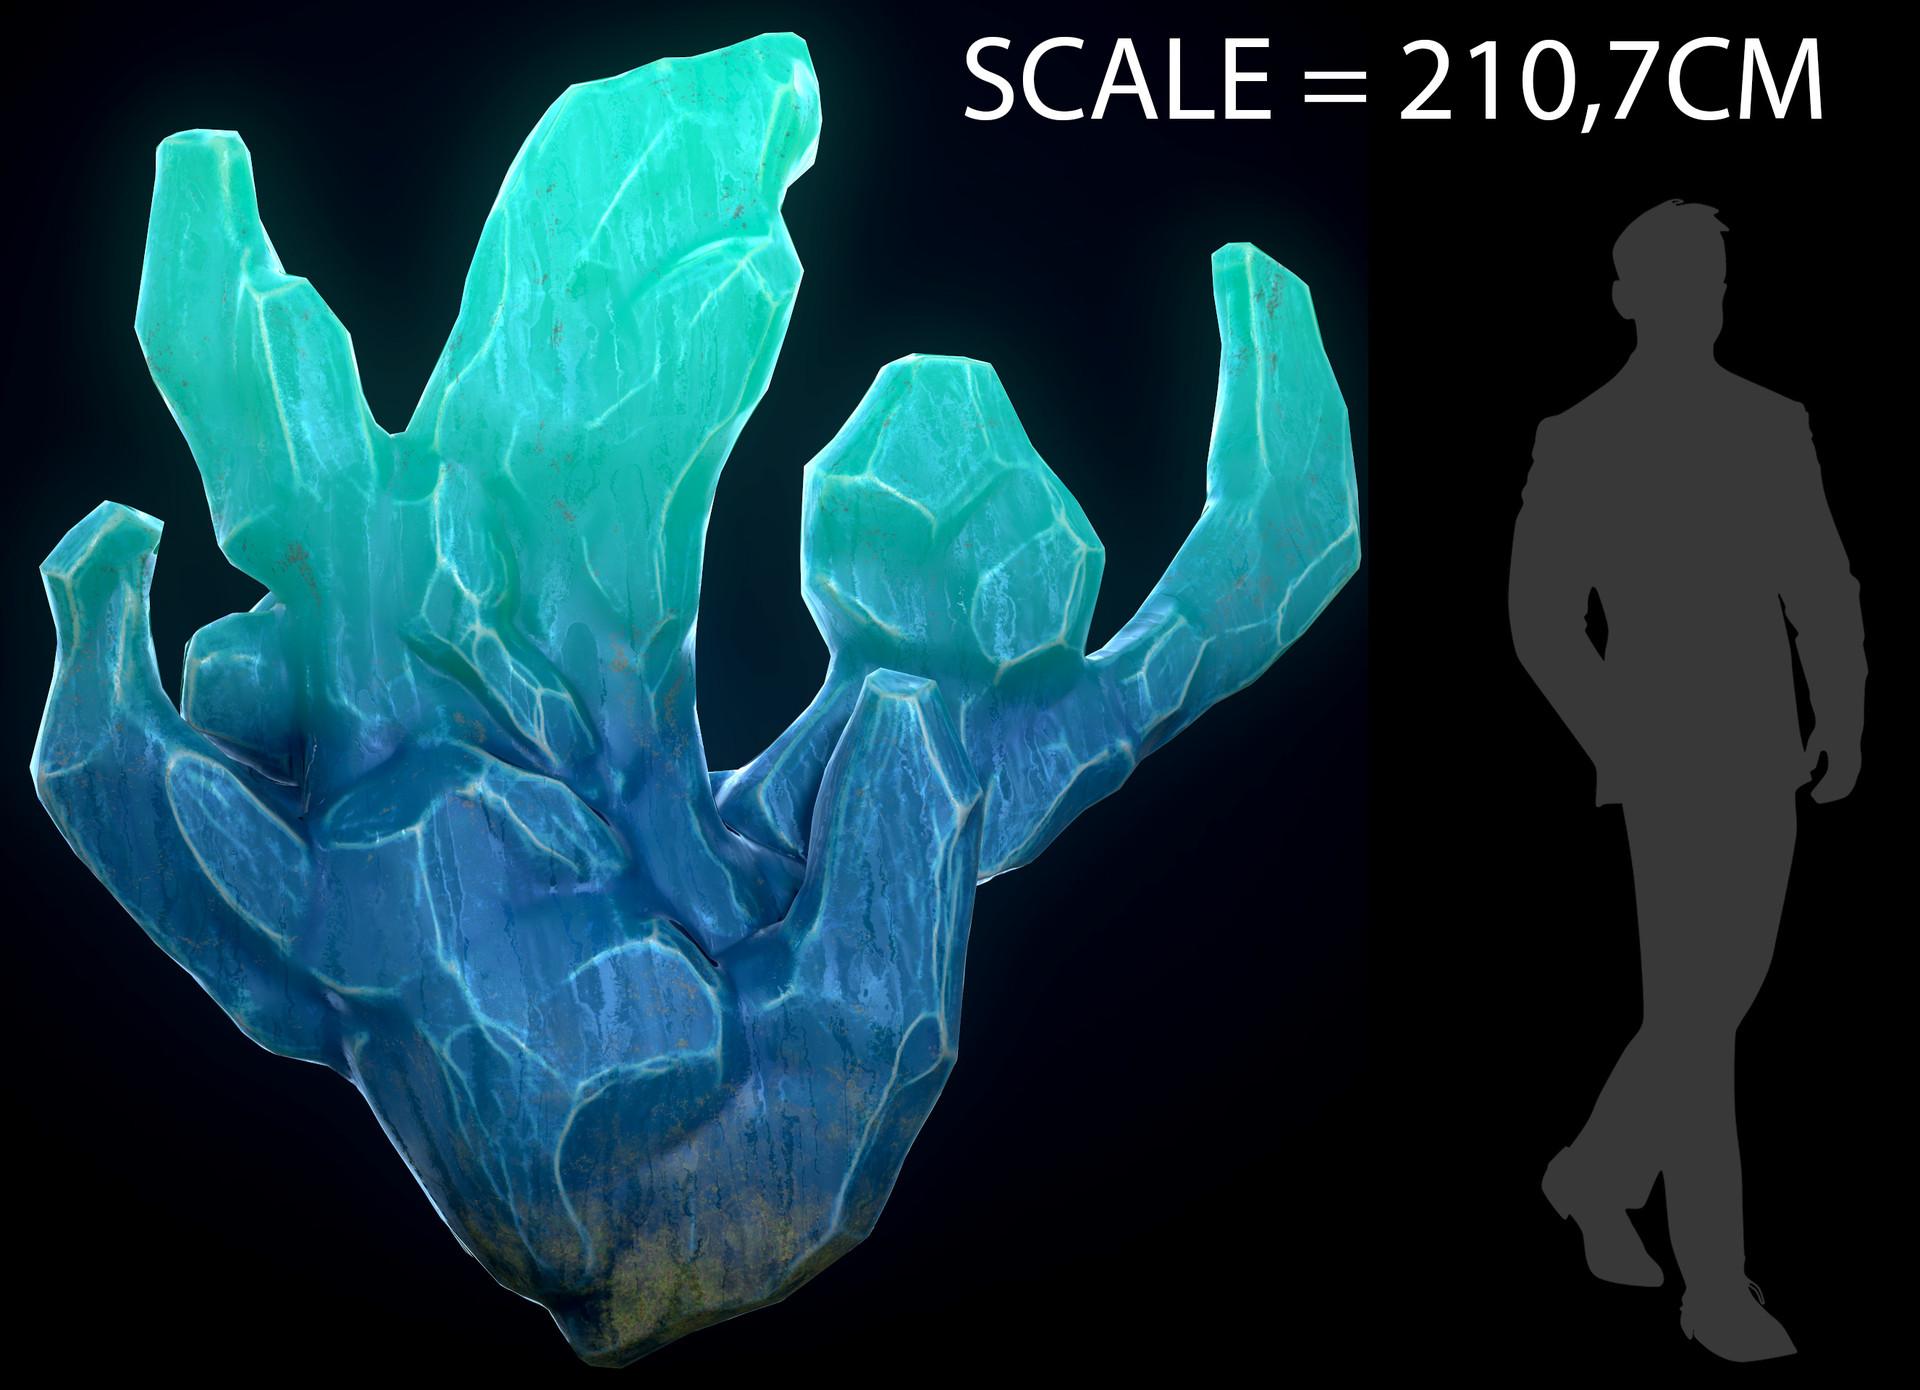 Andrew krivulya crystal render002 scale